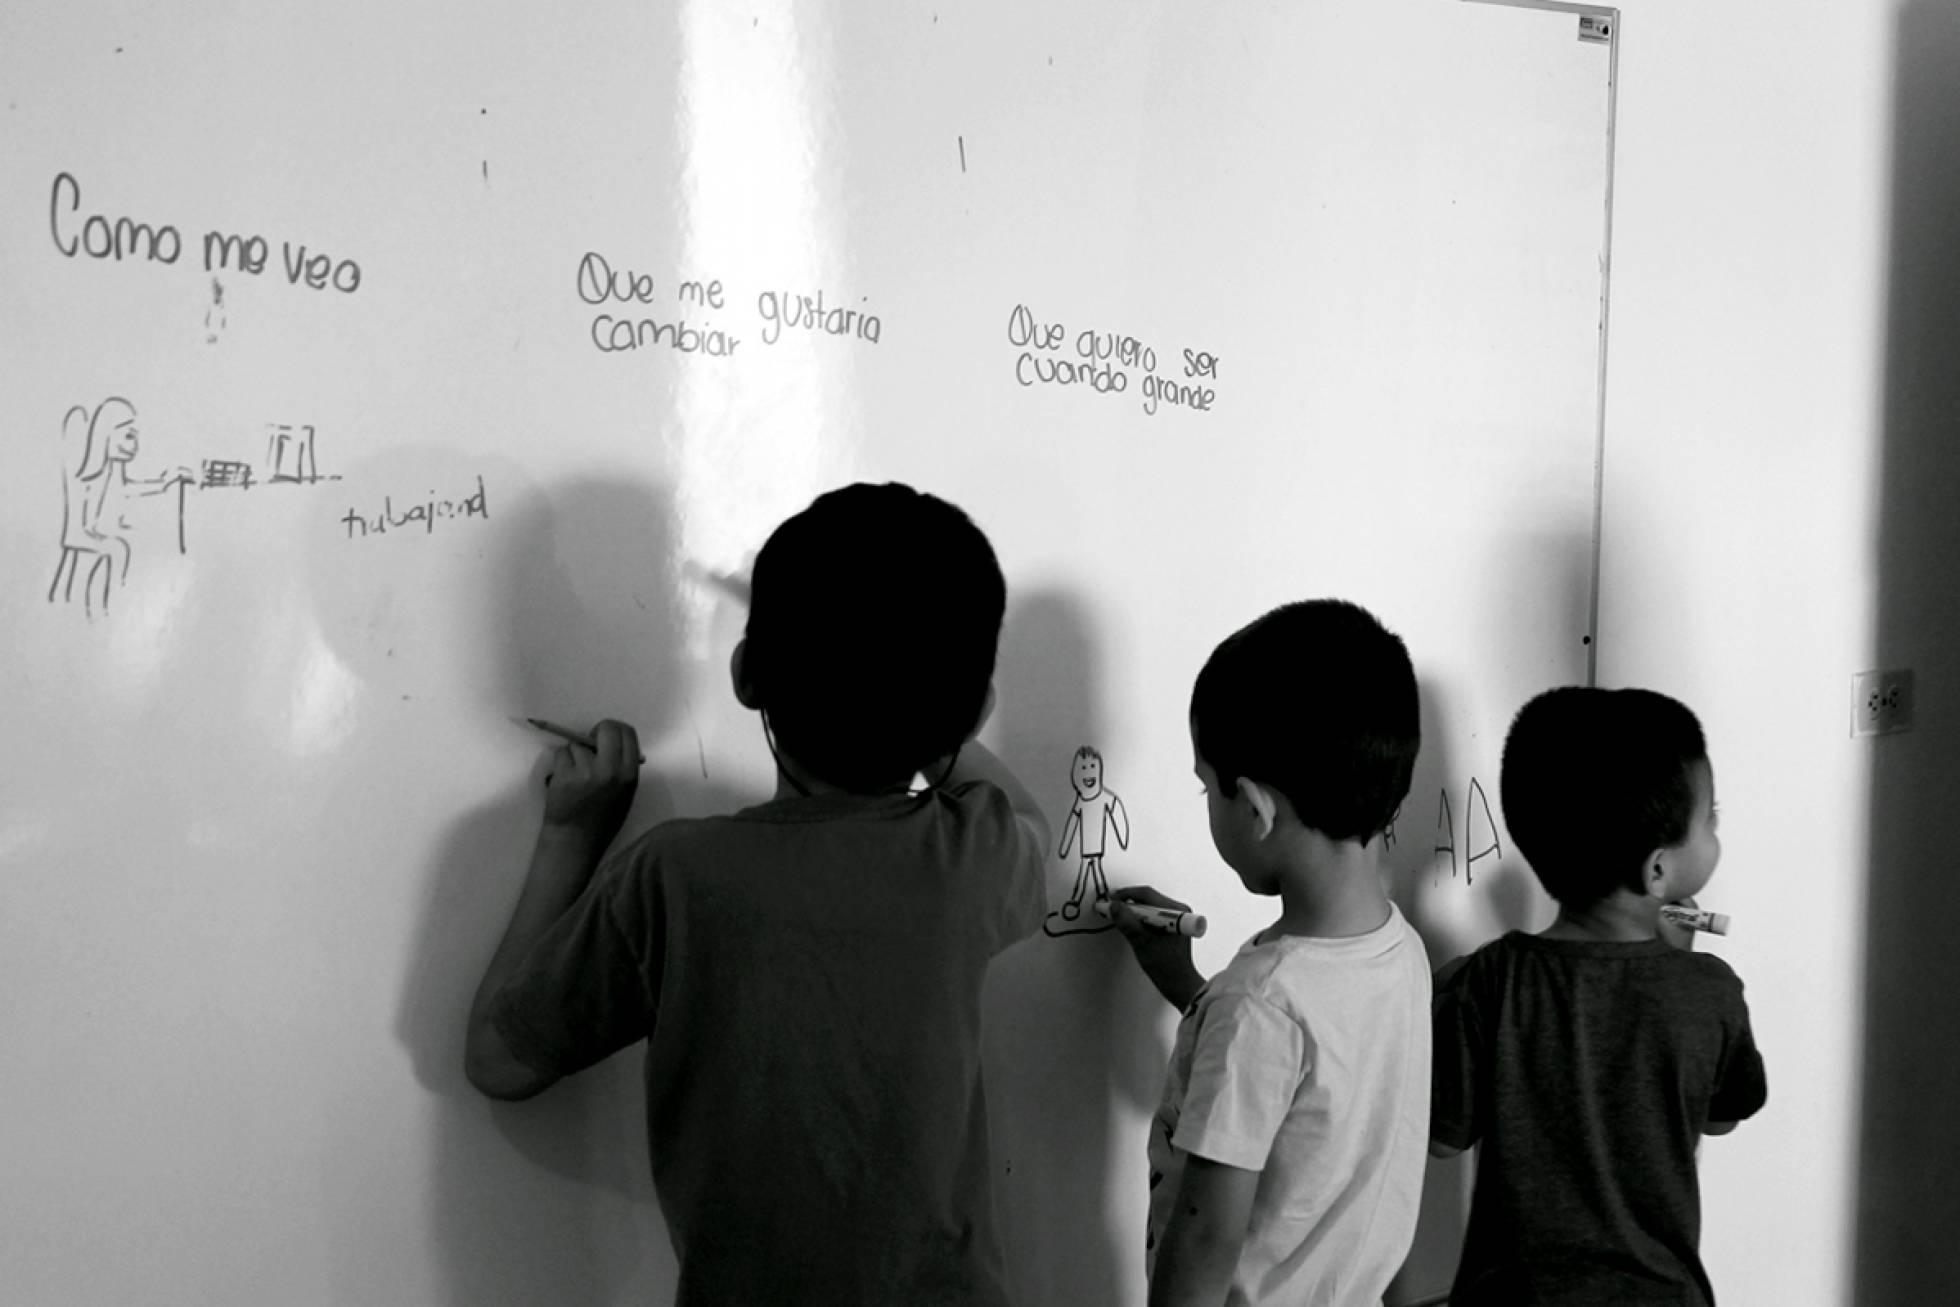 México: Comisión Nacional de Derechos Humanos pide reconocer gravedad de violencia contra la niñez